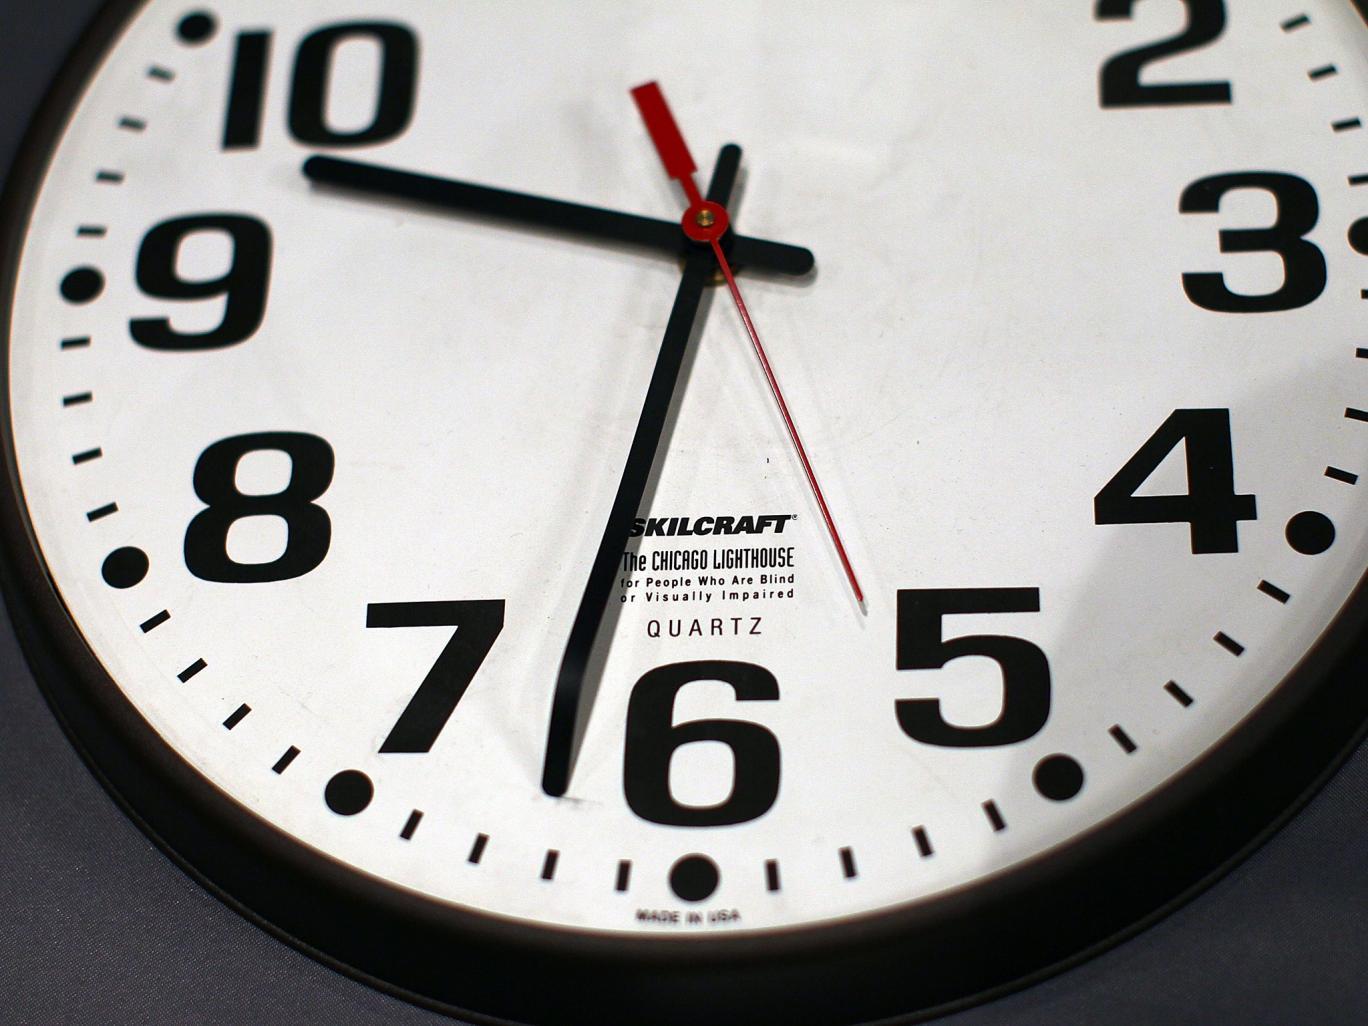 Khái niệm về một giây sắp sửa bị thay đổi vì chiếc đồng hồ này - Ảnh 1.